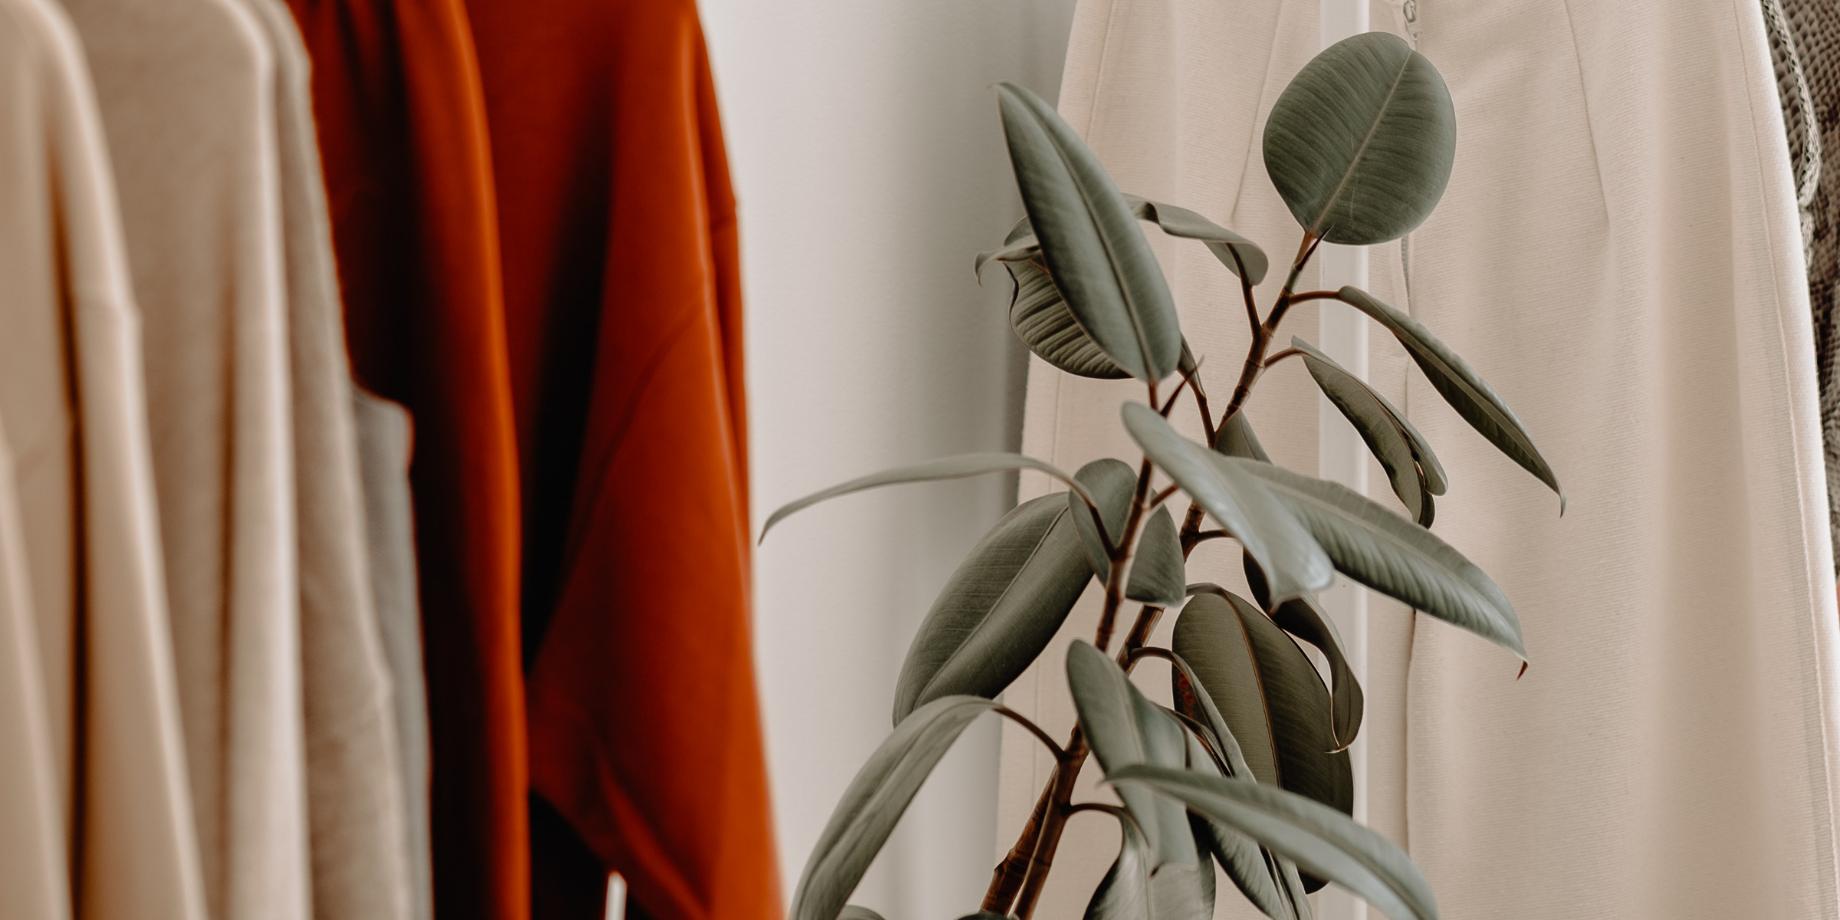 Экологический союз разработает стандарт для текстильной продукции